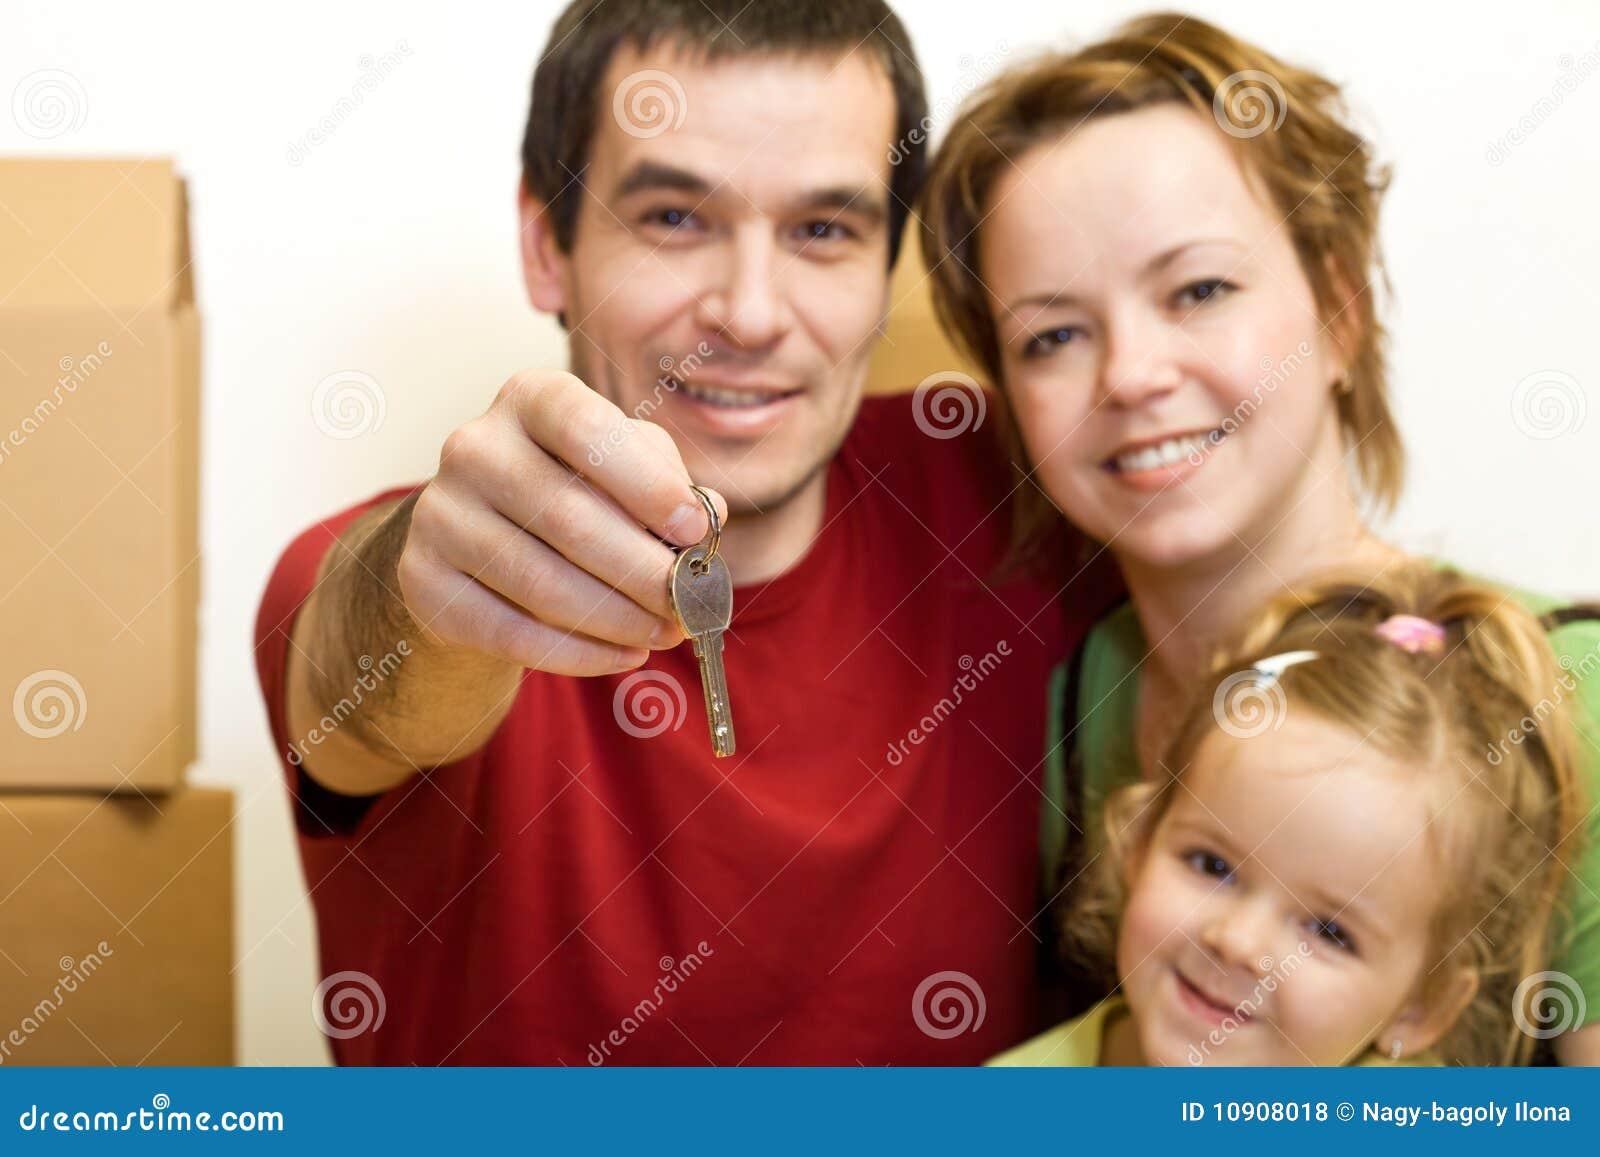 их домашнего ключа семьи счастливое новое